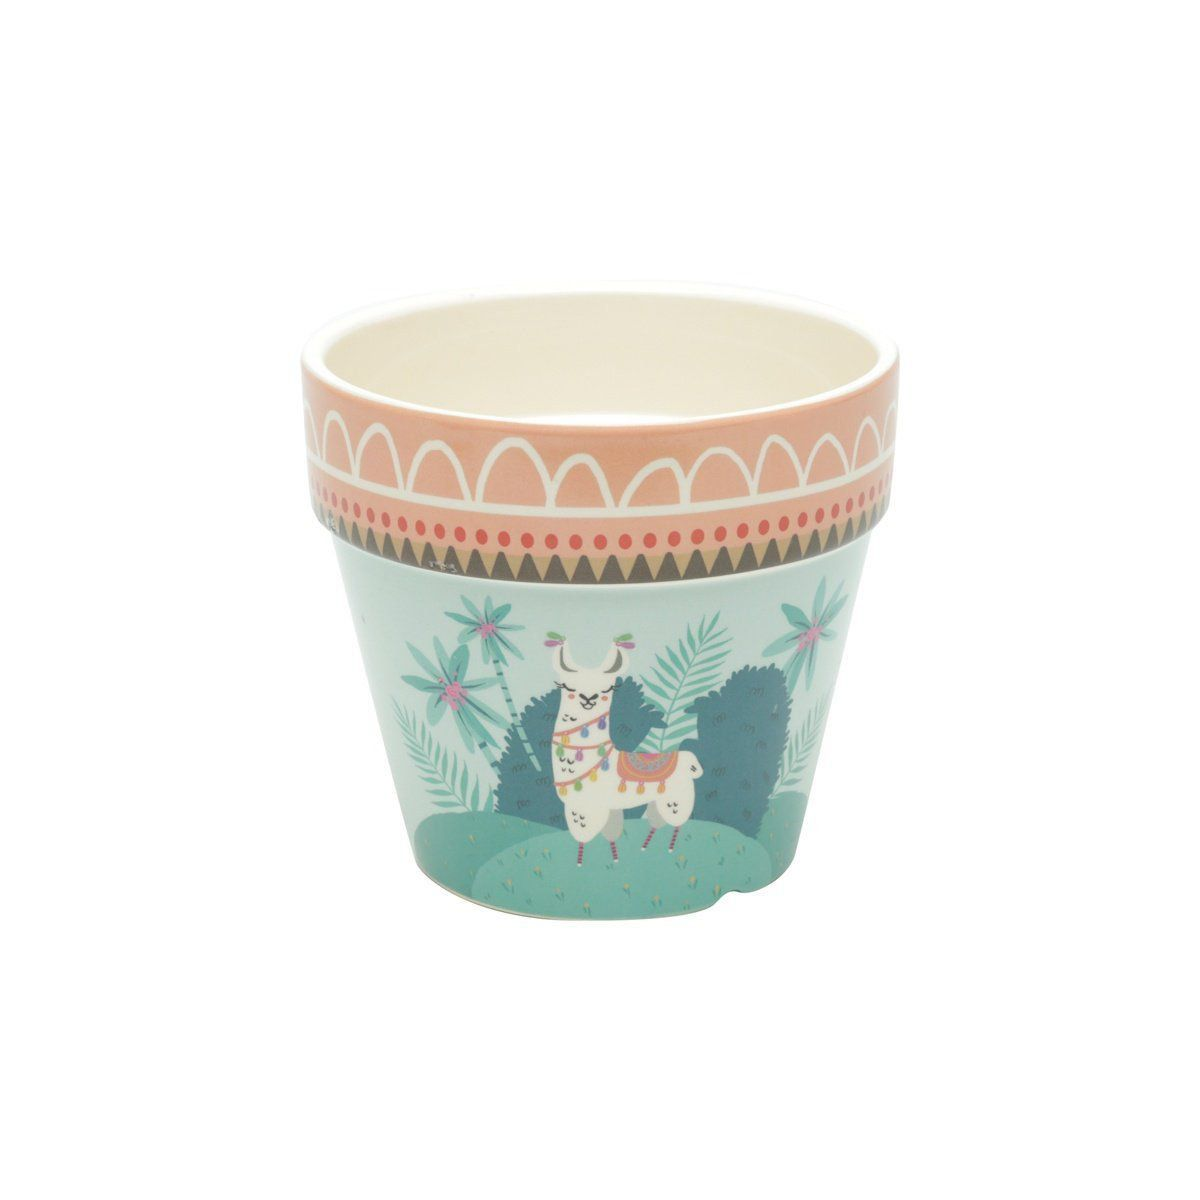 Vaso de Cerâmica Lhama Mexicano Colorido 12,5cm x 14cm - 42062